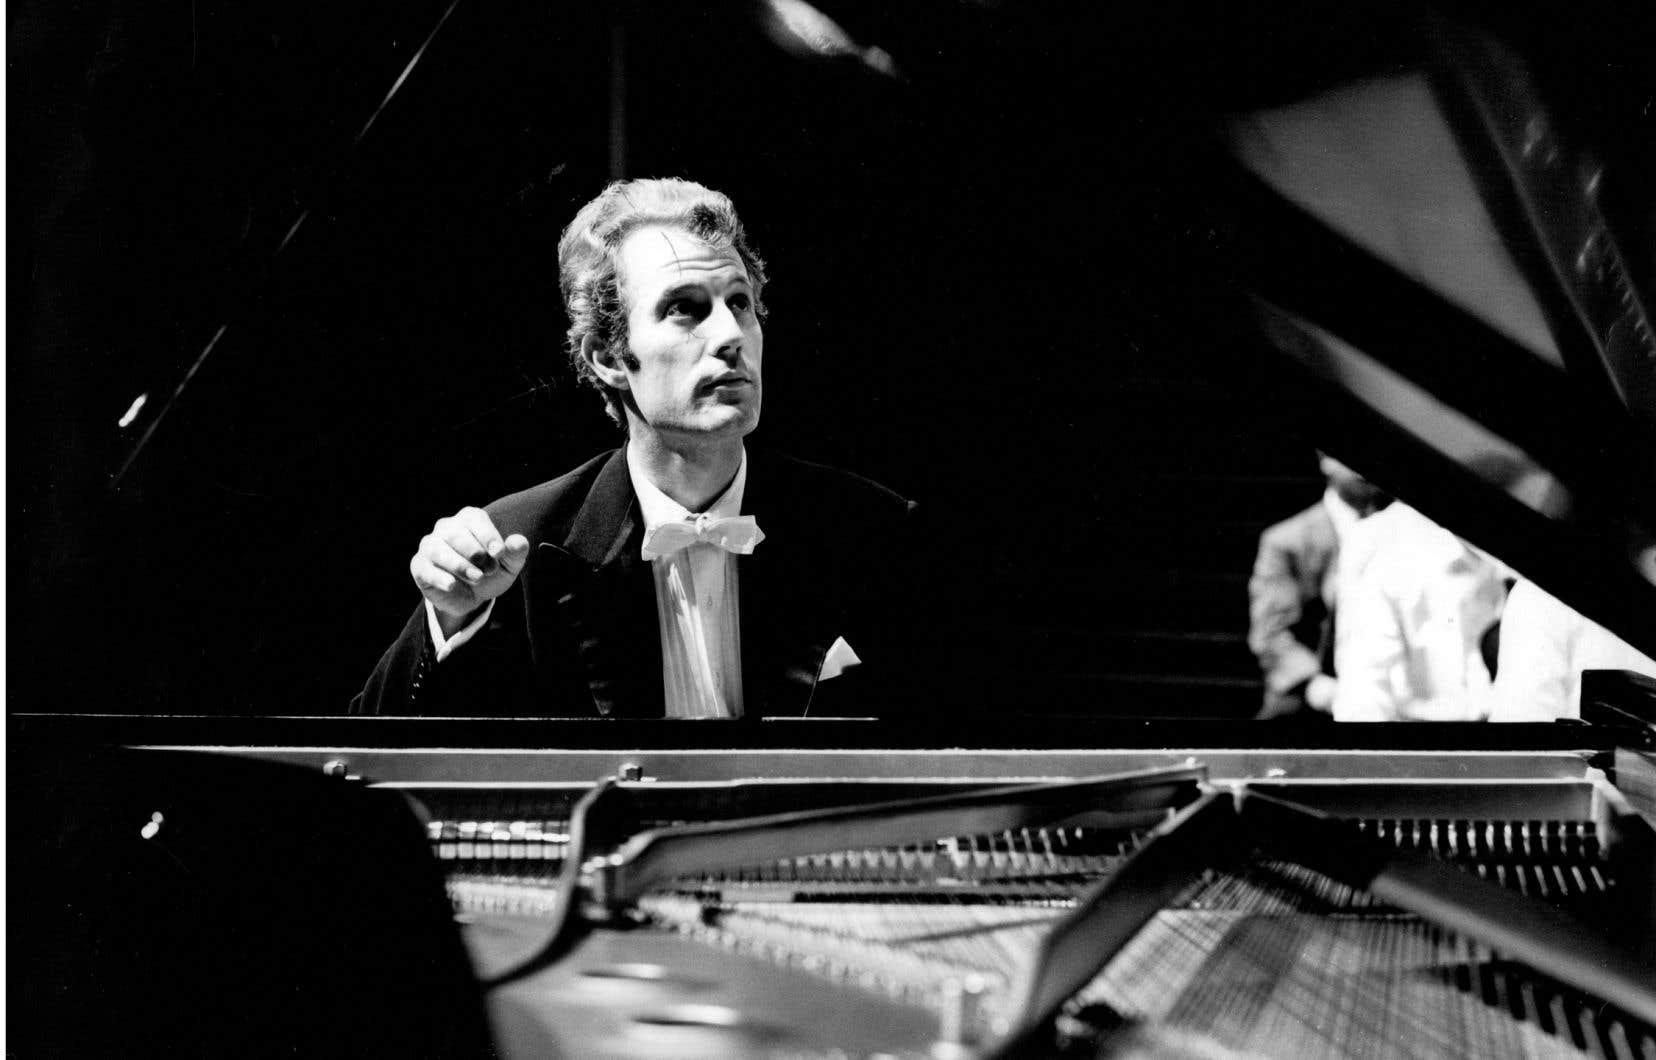 Éric Heidsieck était, dans les années 1960 et 1970, «le» pianiste français qui maîtrisait le répertoire germanique dans une qualité attestée par les disques qui viennent de reparaître. La question était donc: comment le milieu musical avait-il pu passer à côté de cela?